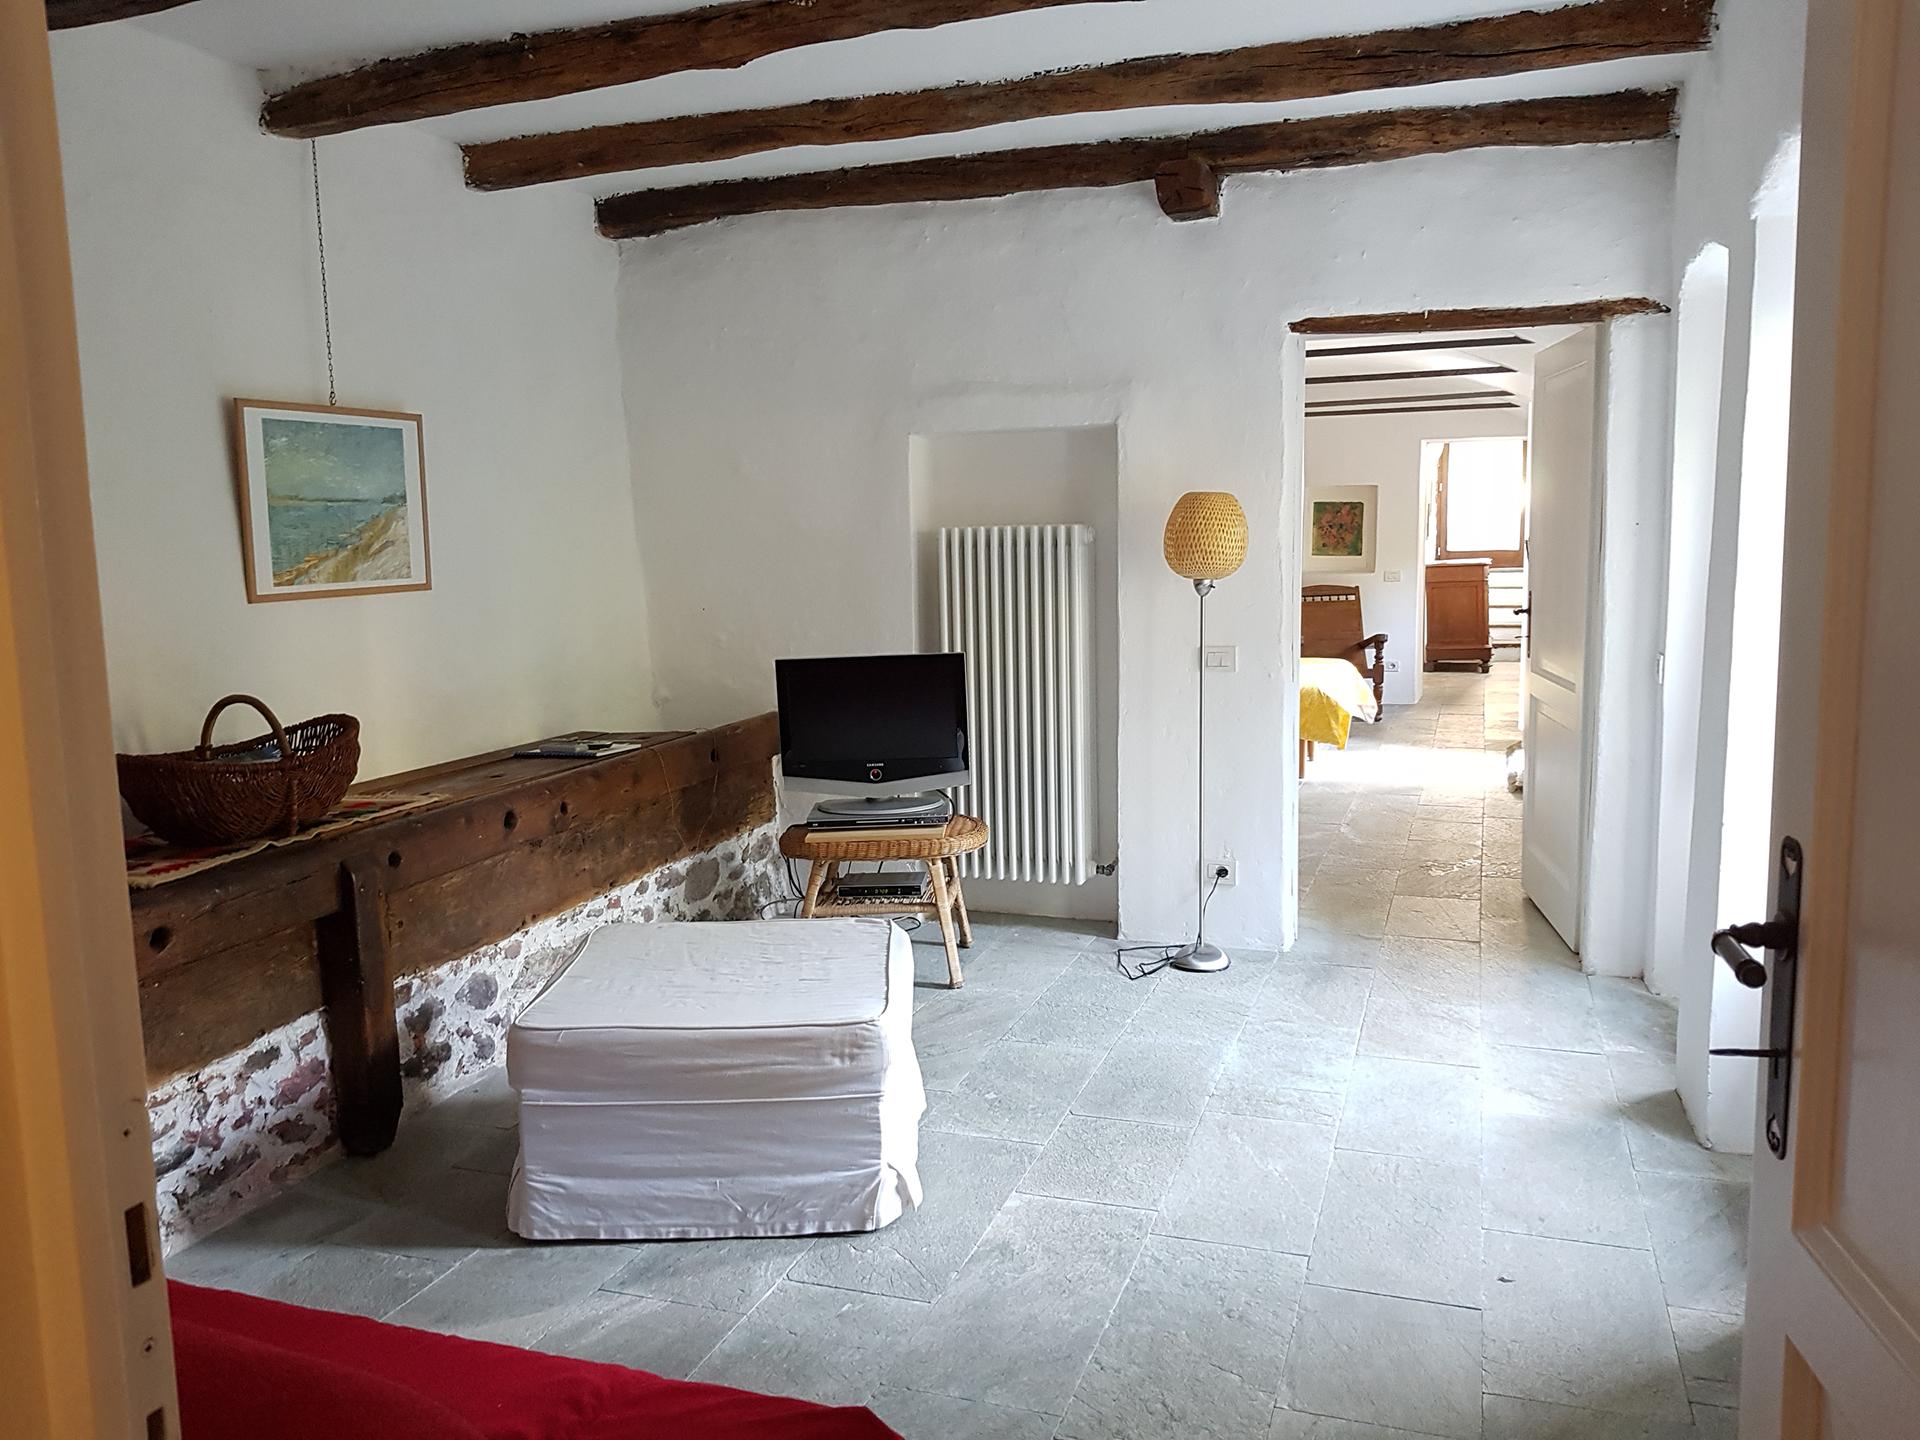 Appartamento piano terra la casaccia for Piano terra di 380 piedi quadrati